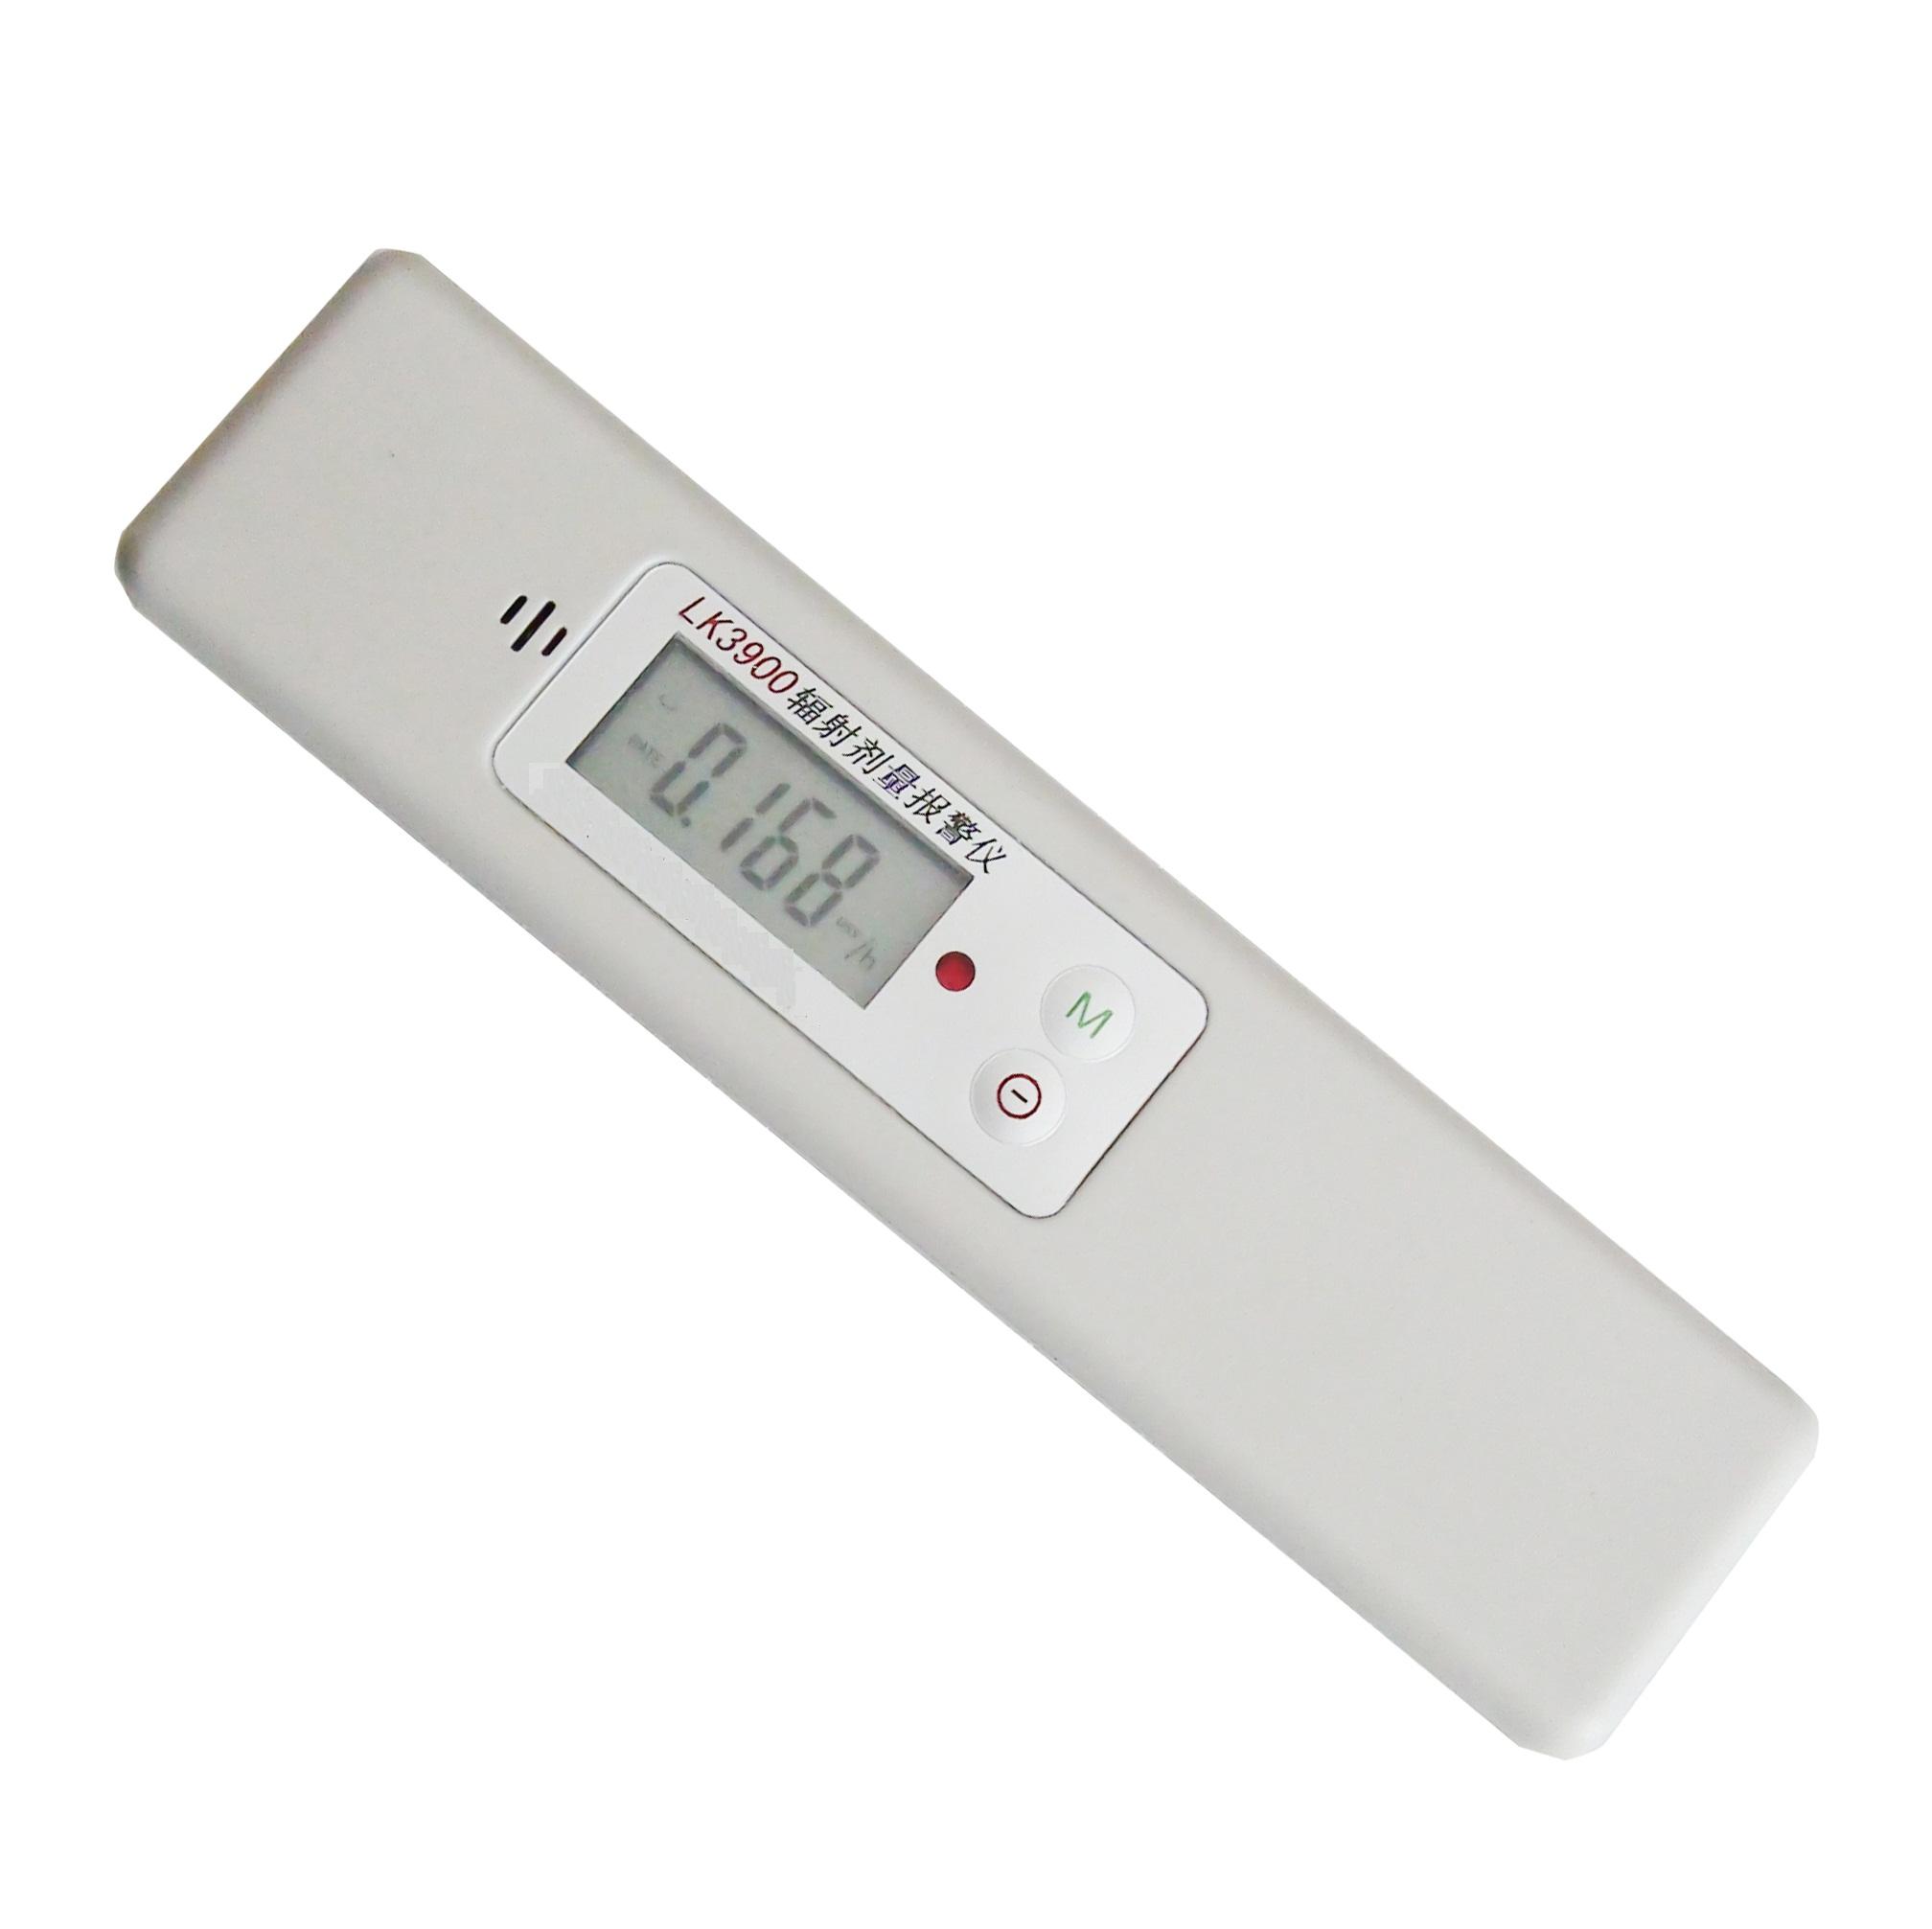 筆式射線報警儀 大理石核輻射檢測儀 個人劑量報警儀包郵